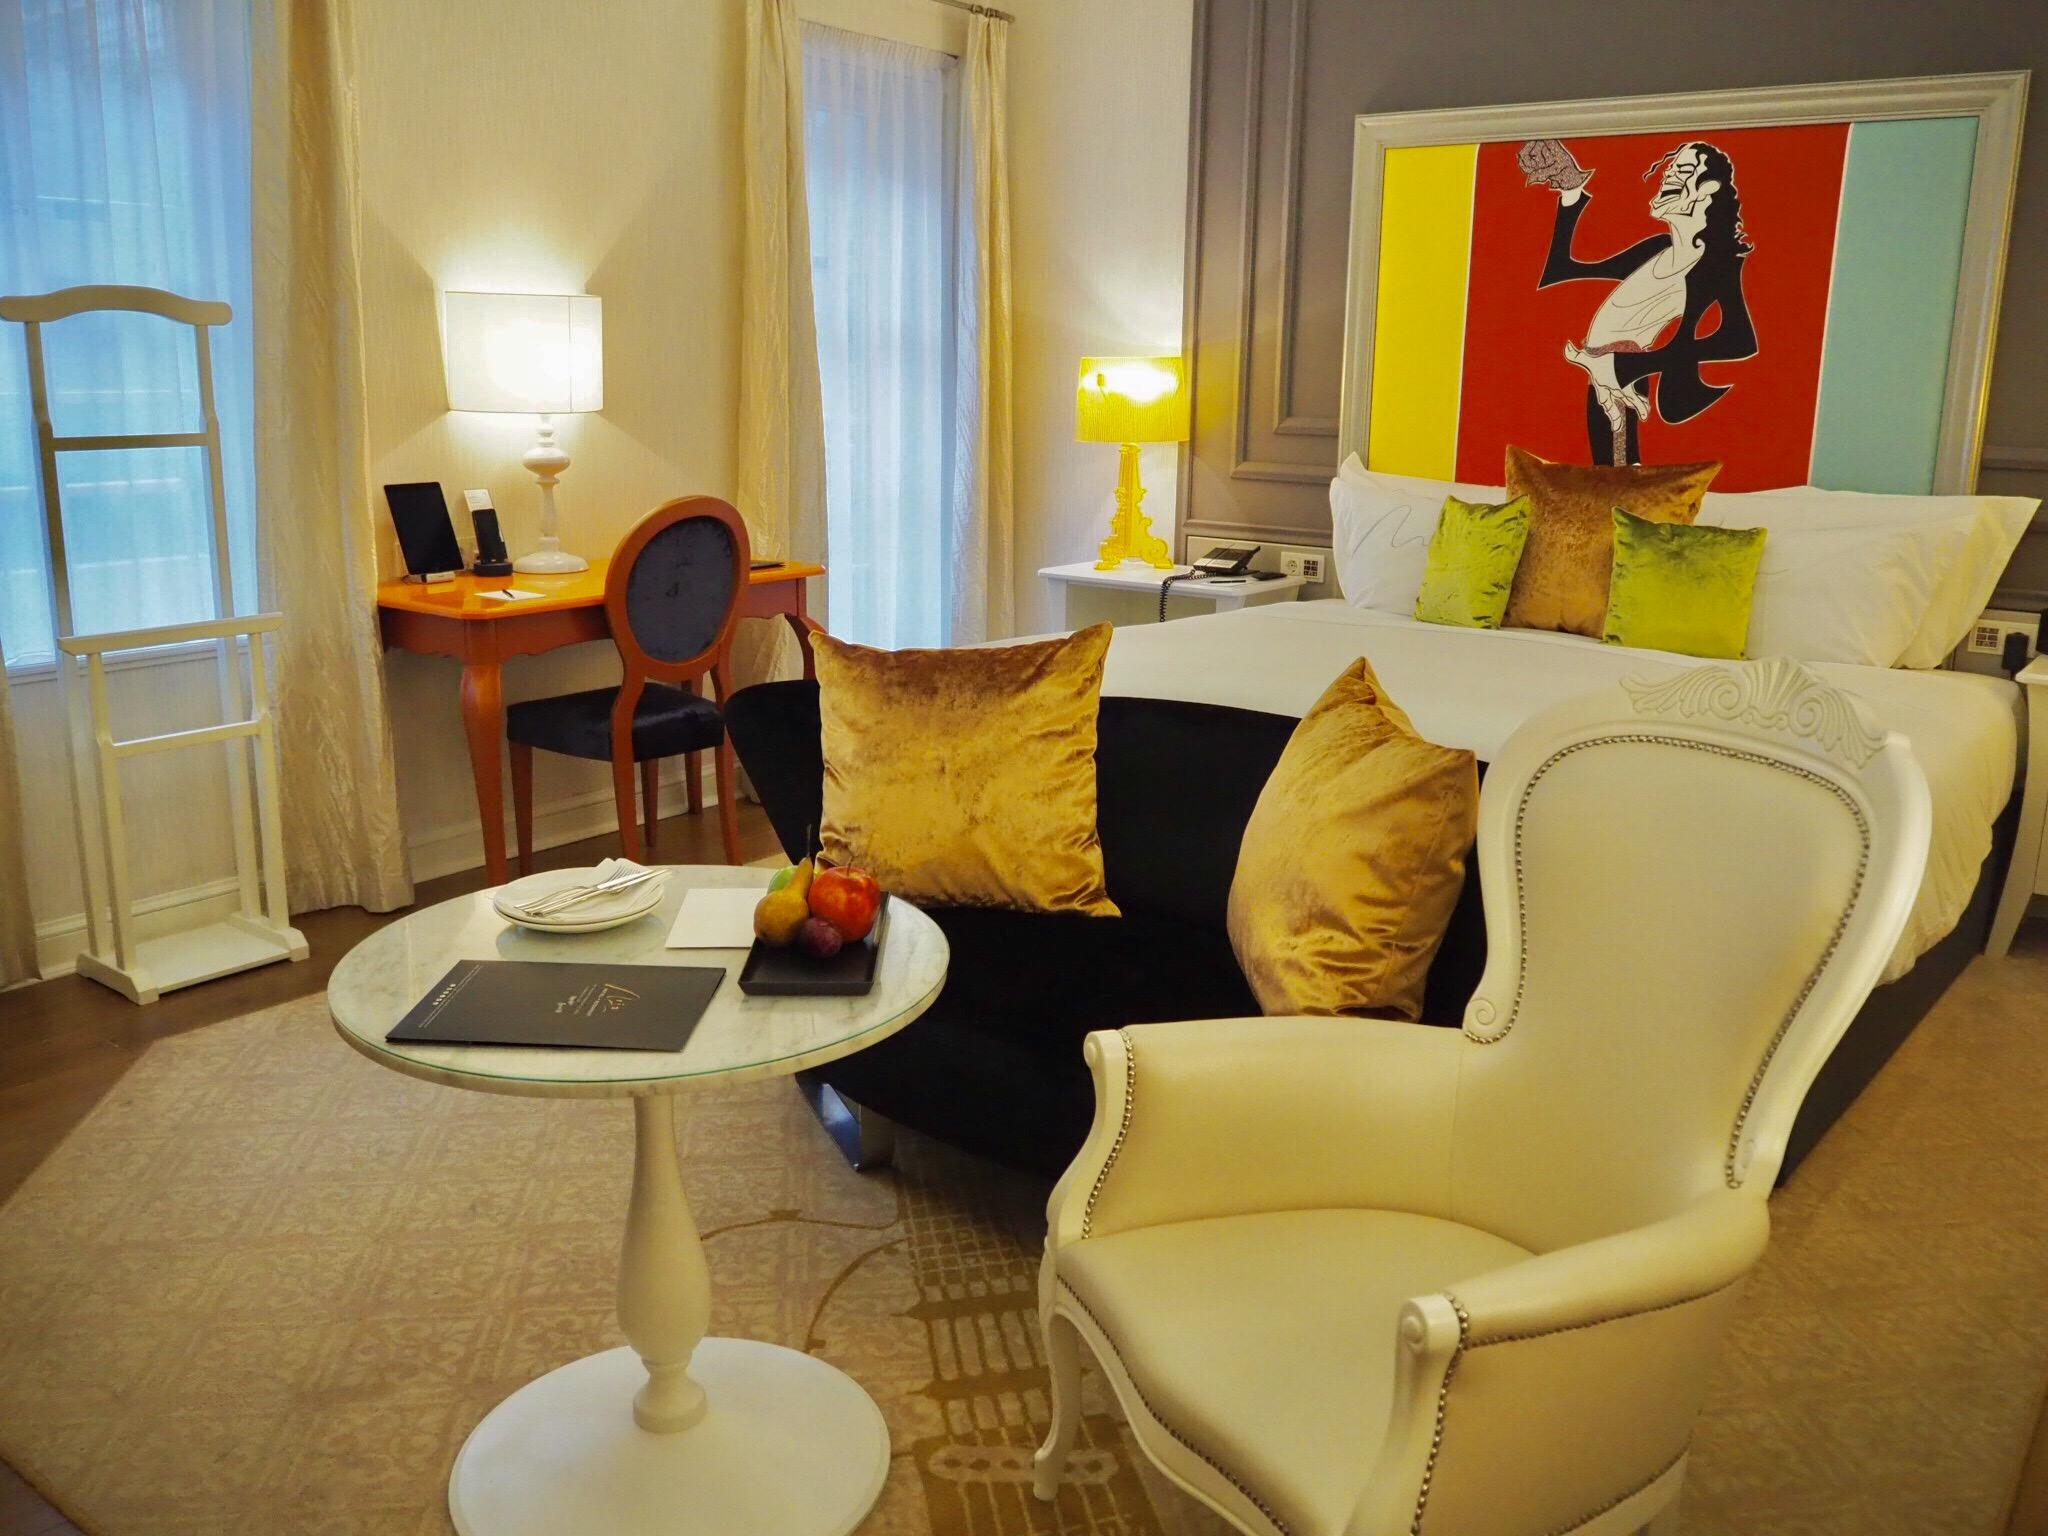 img 4795 - Aria Hotel Budapest - 音楽に囲まれて過ごすブダペストのラグジュアリーブティックホテルの魅力